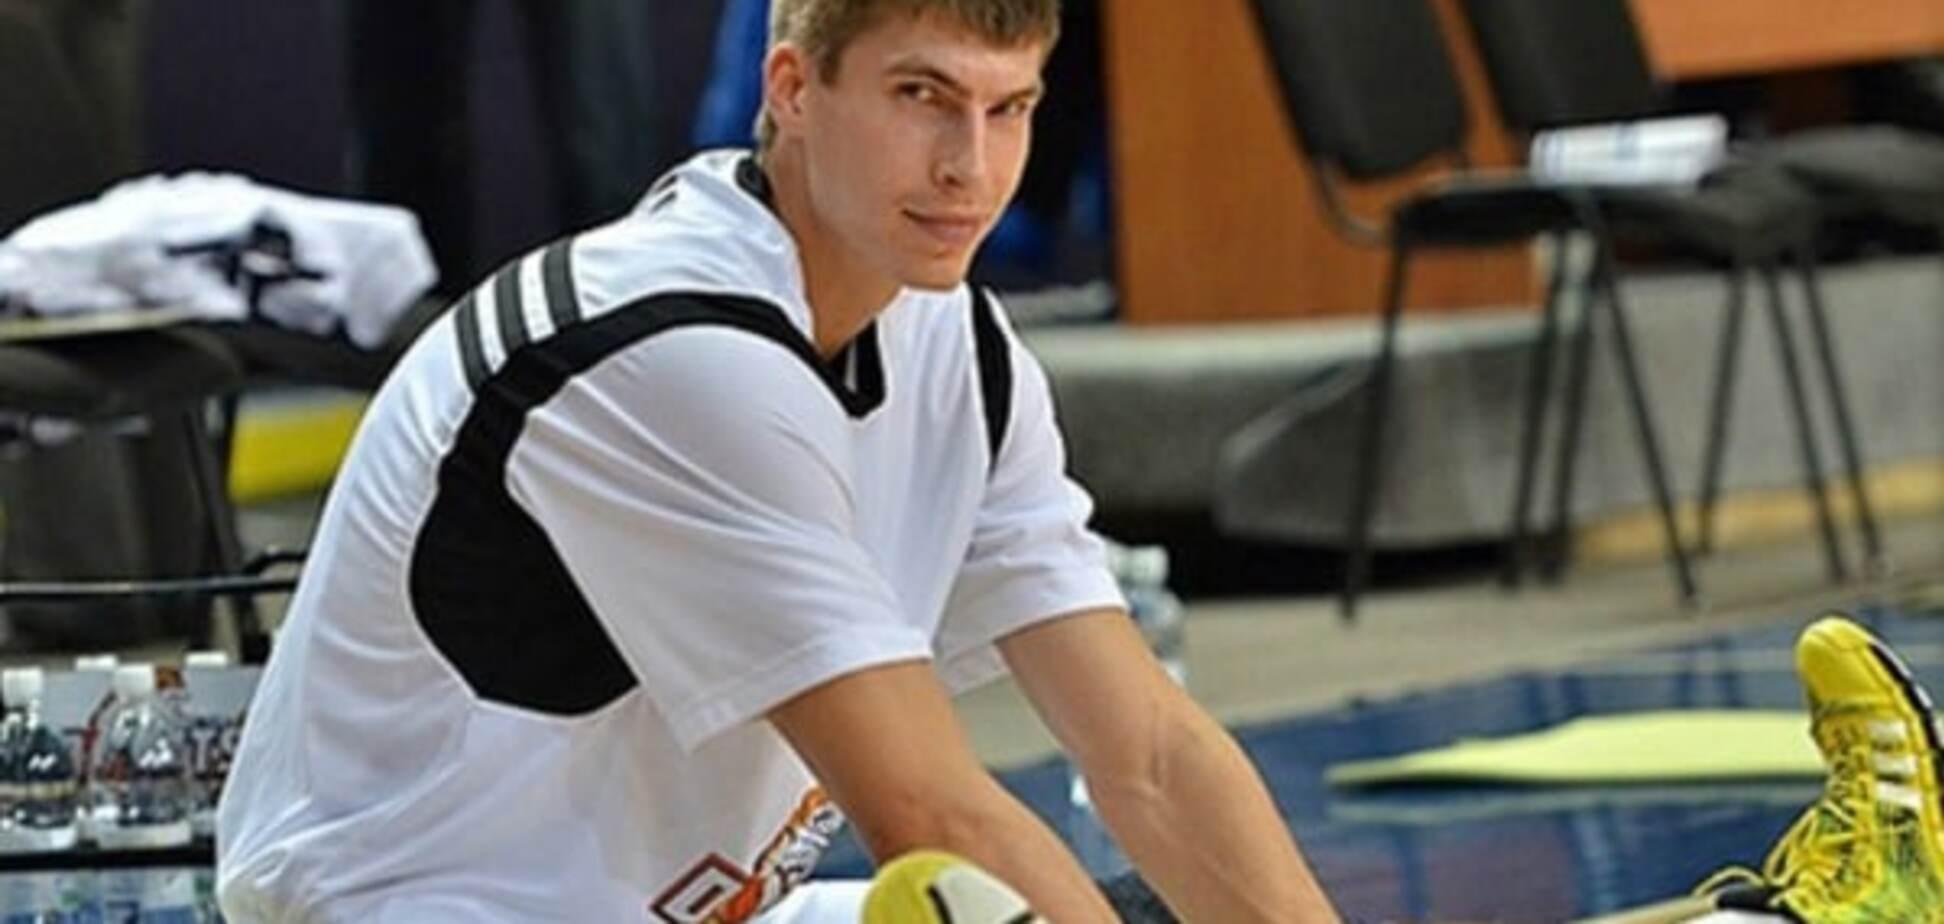 Официально: защитник сборной Украины по баскетболу перешел в греческий клуб